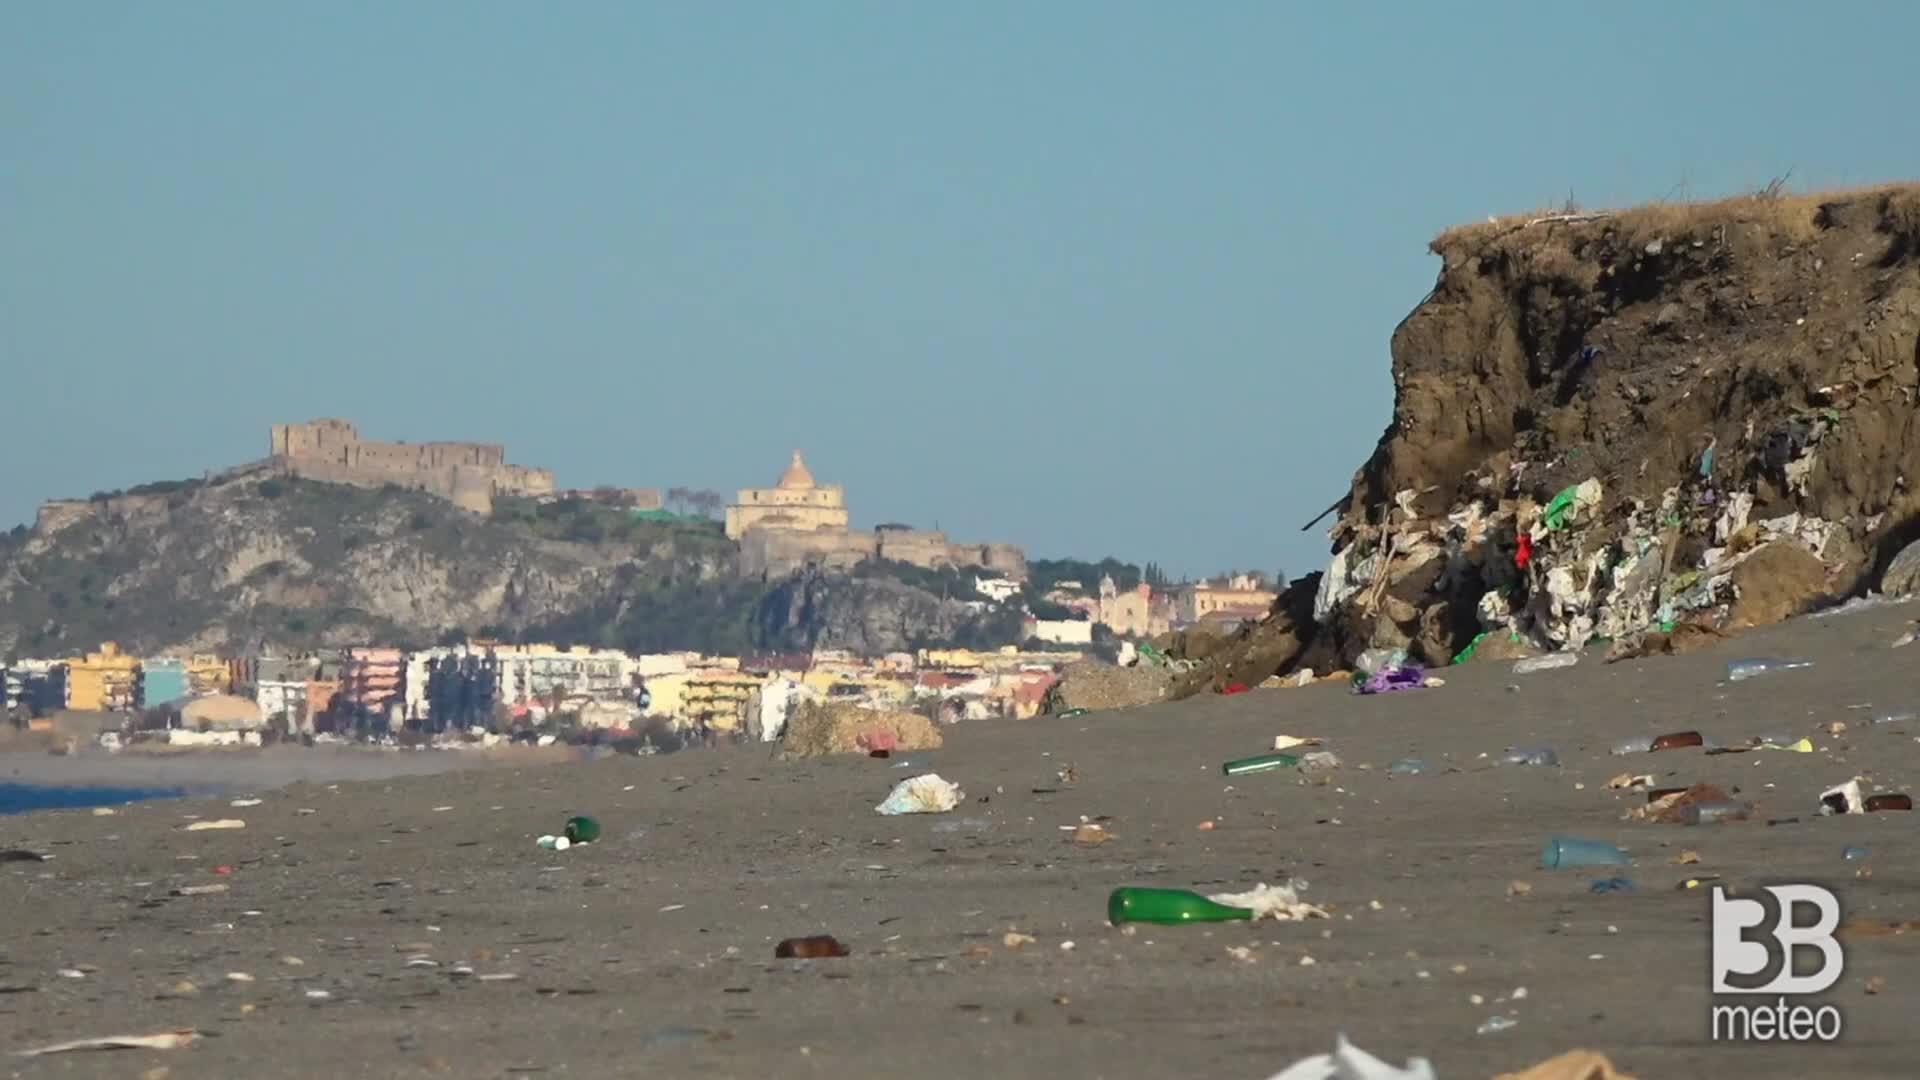 In spiaggia spunta una discarica: lo scempio a Milazzo, Messina